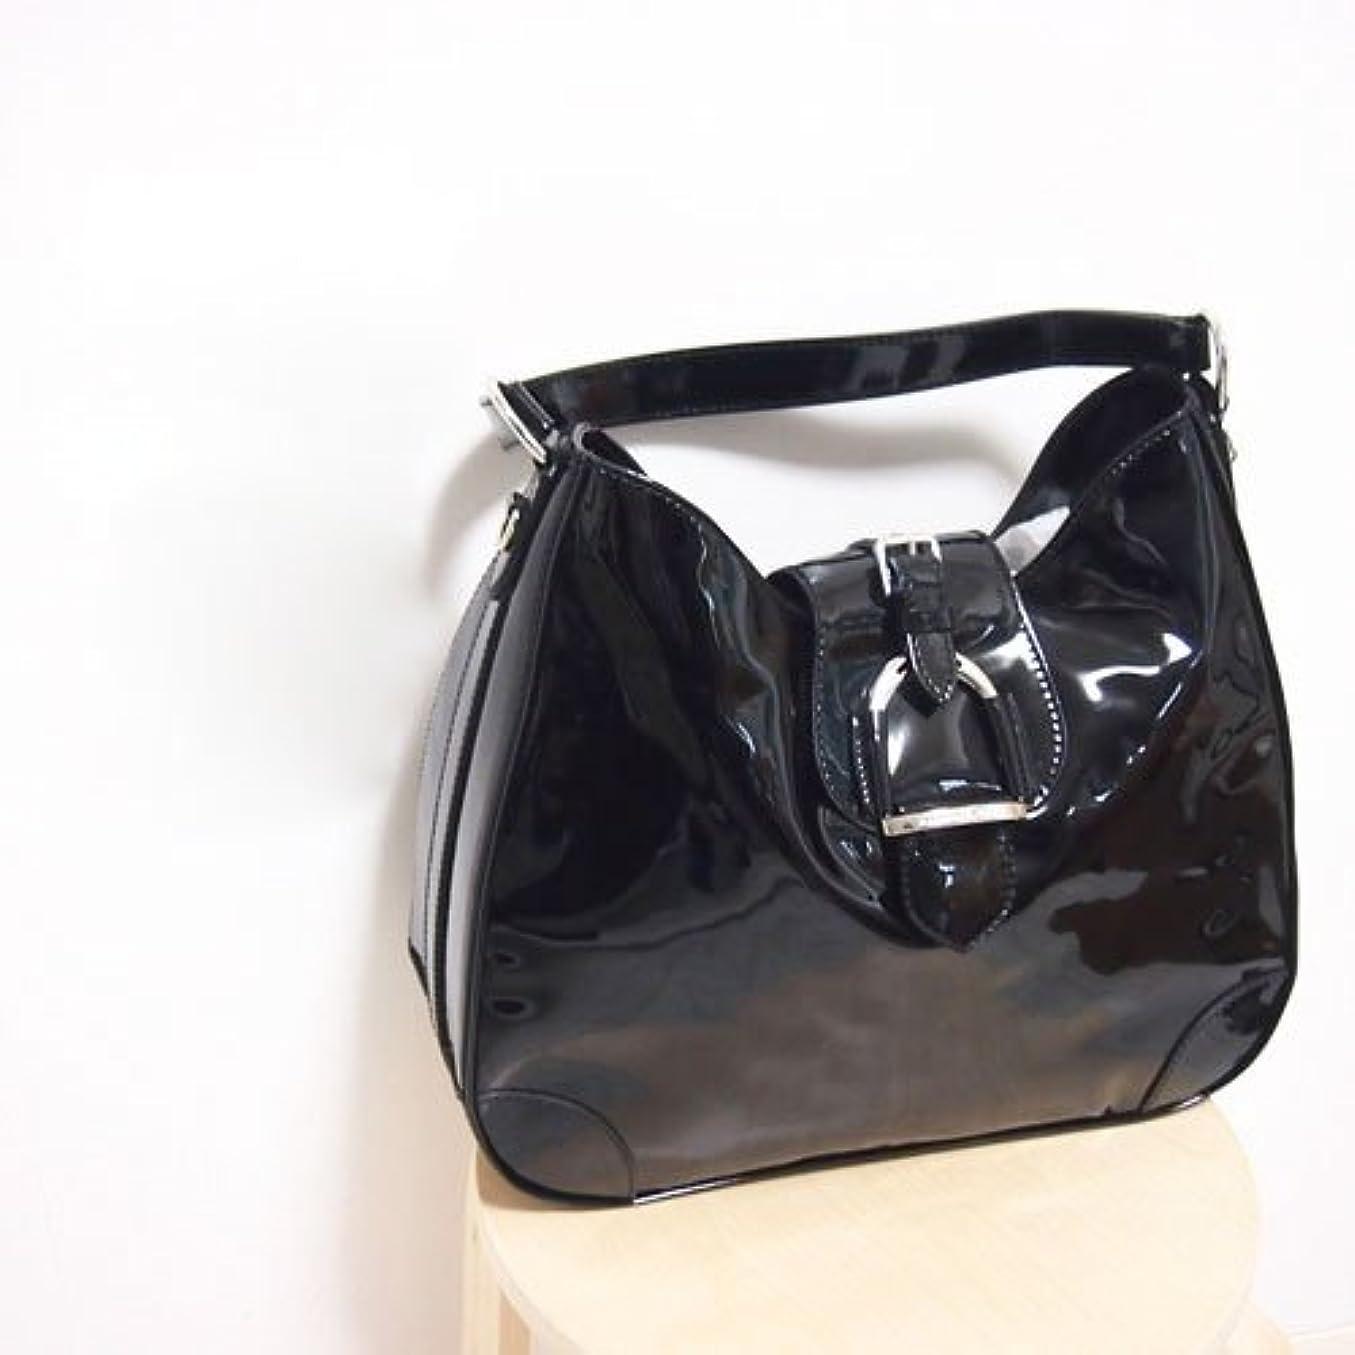 彫る不十分なうん(ラルフローレン) Ralph Lauren エナメル レザー ショルダー バッグ / BLACK ONESIZE [並行輸入品]